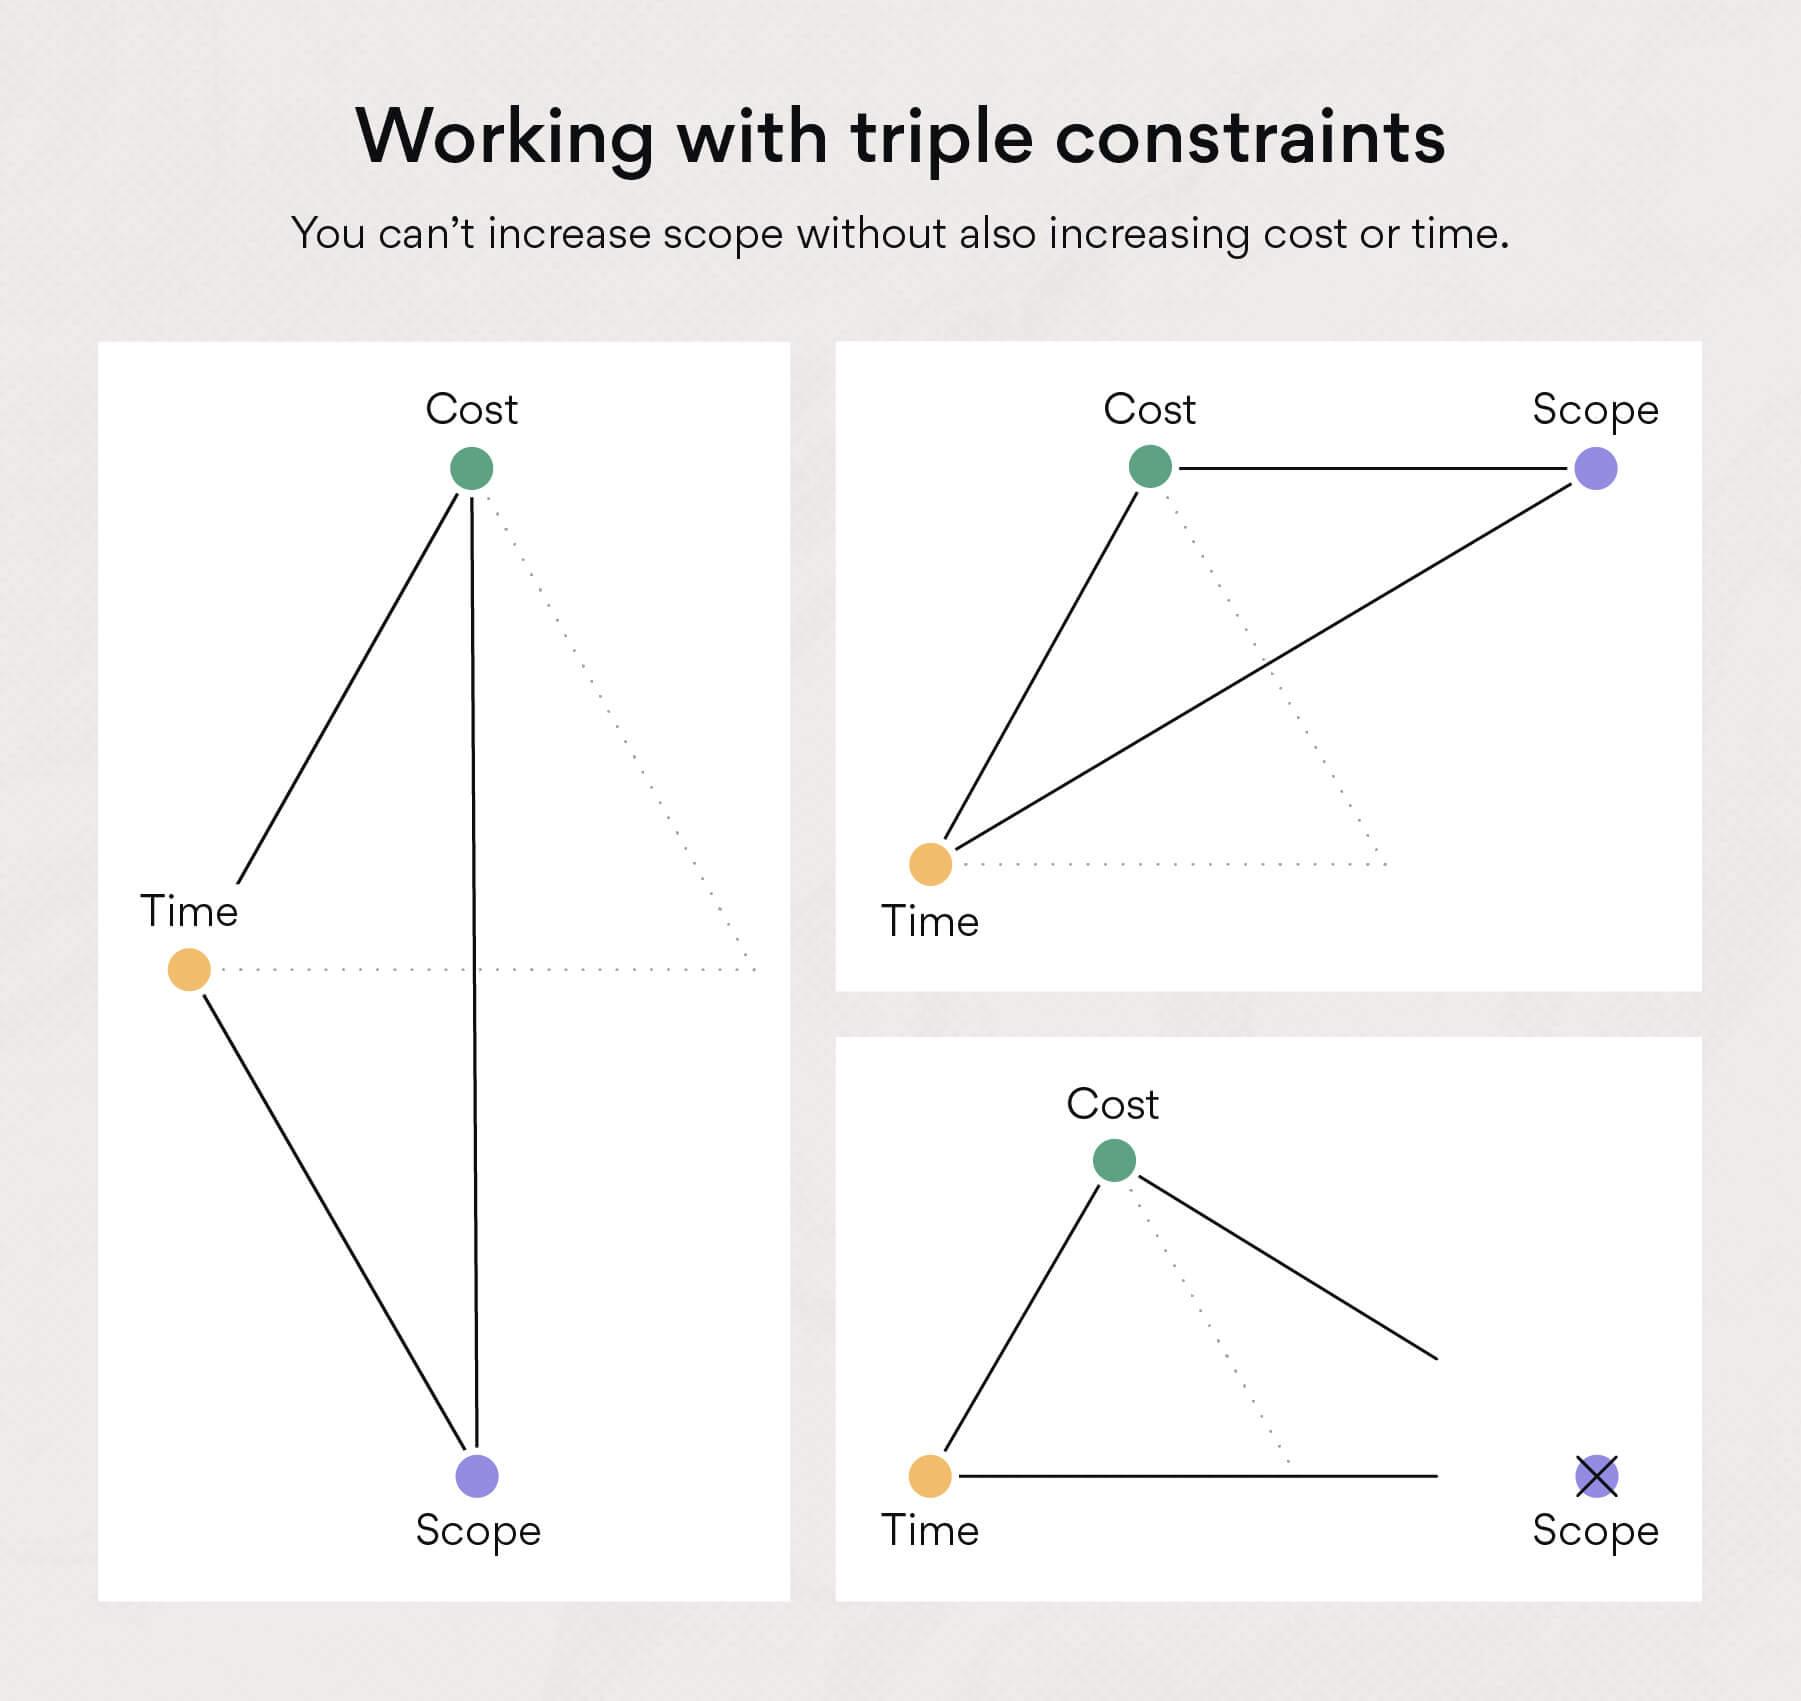 三重限制之平衡術